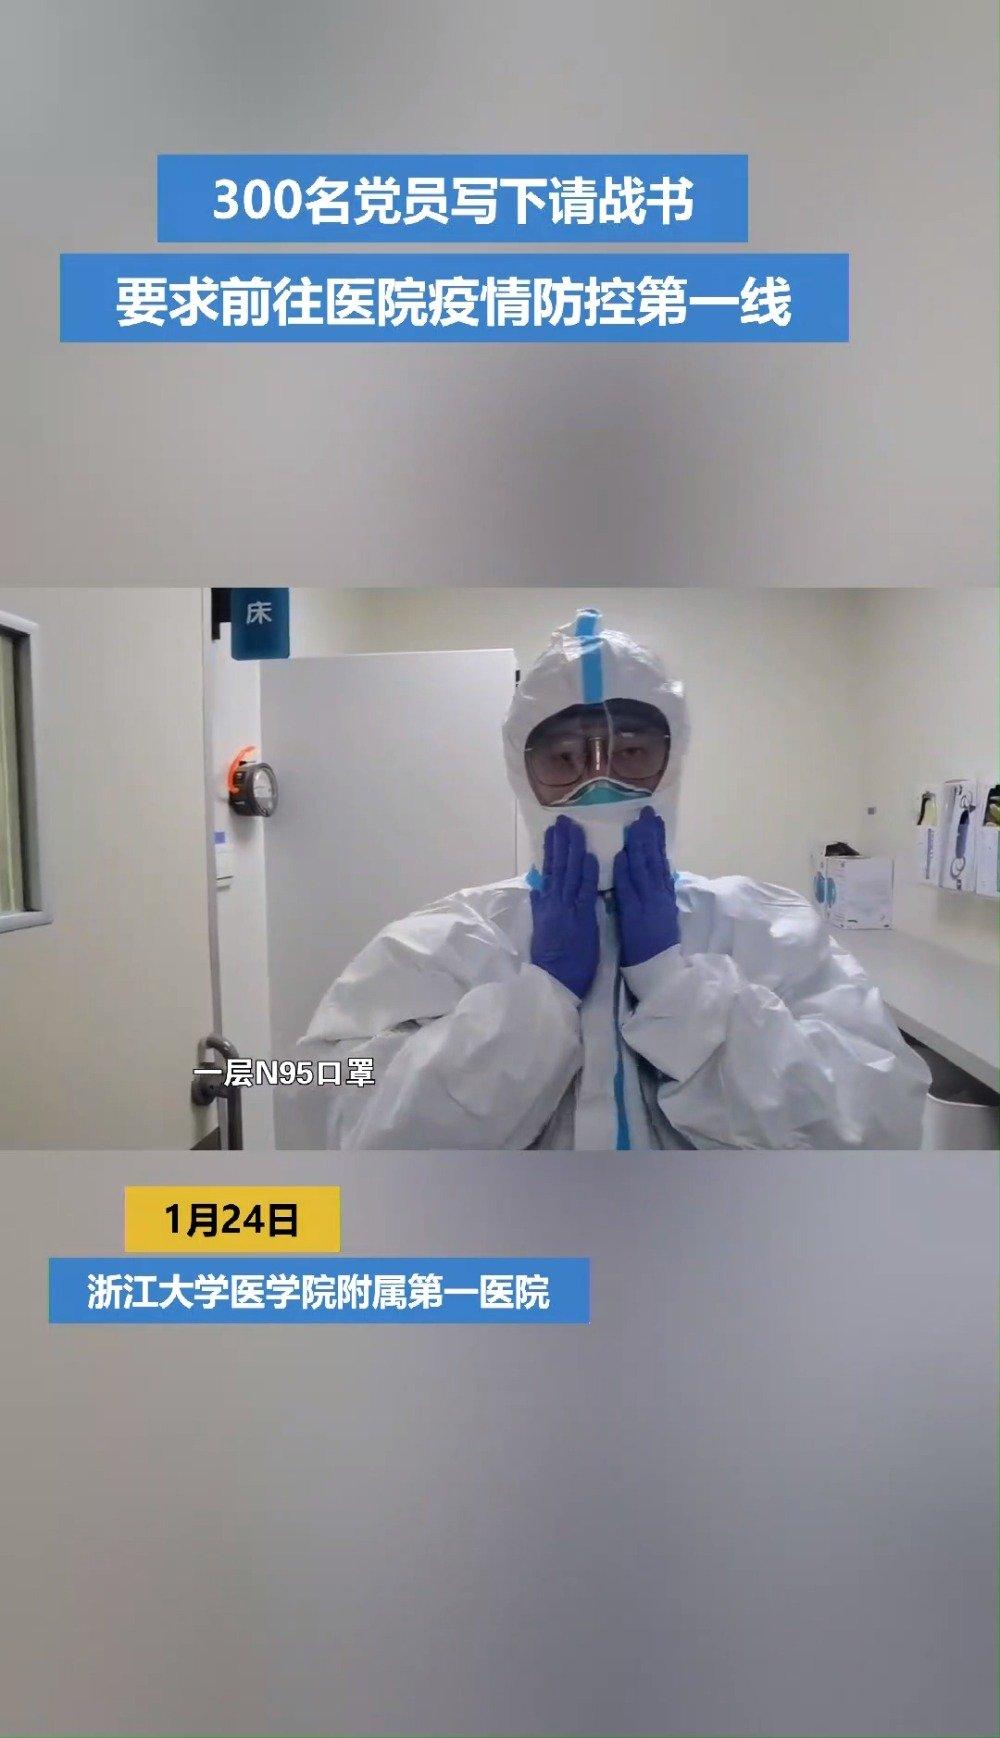 1月24日,@浙江大学医学院附属第一医院 近300名党员写下